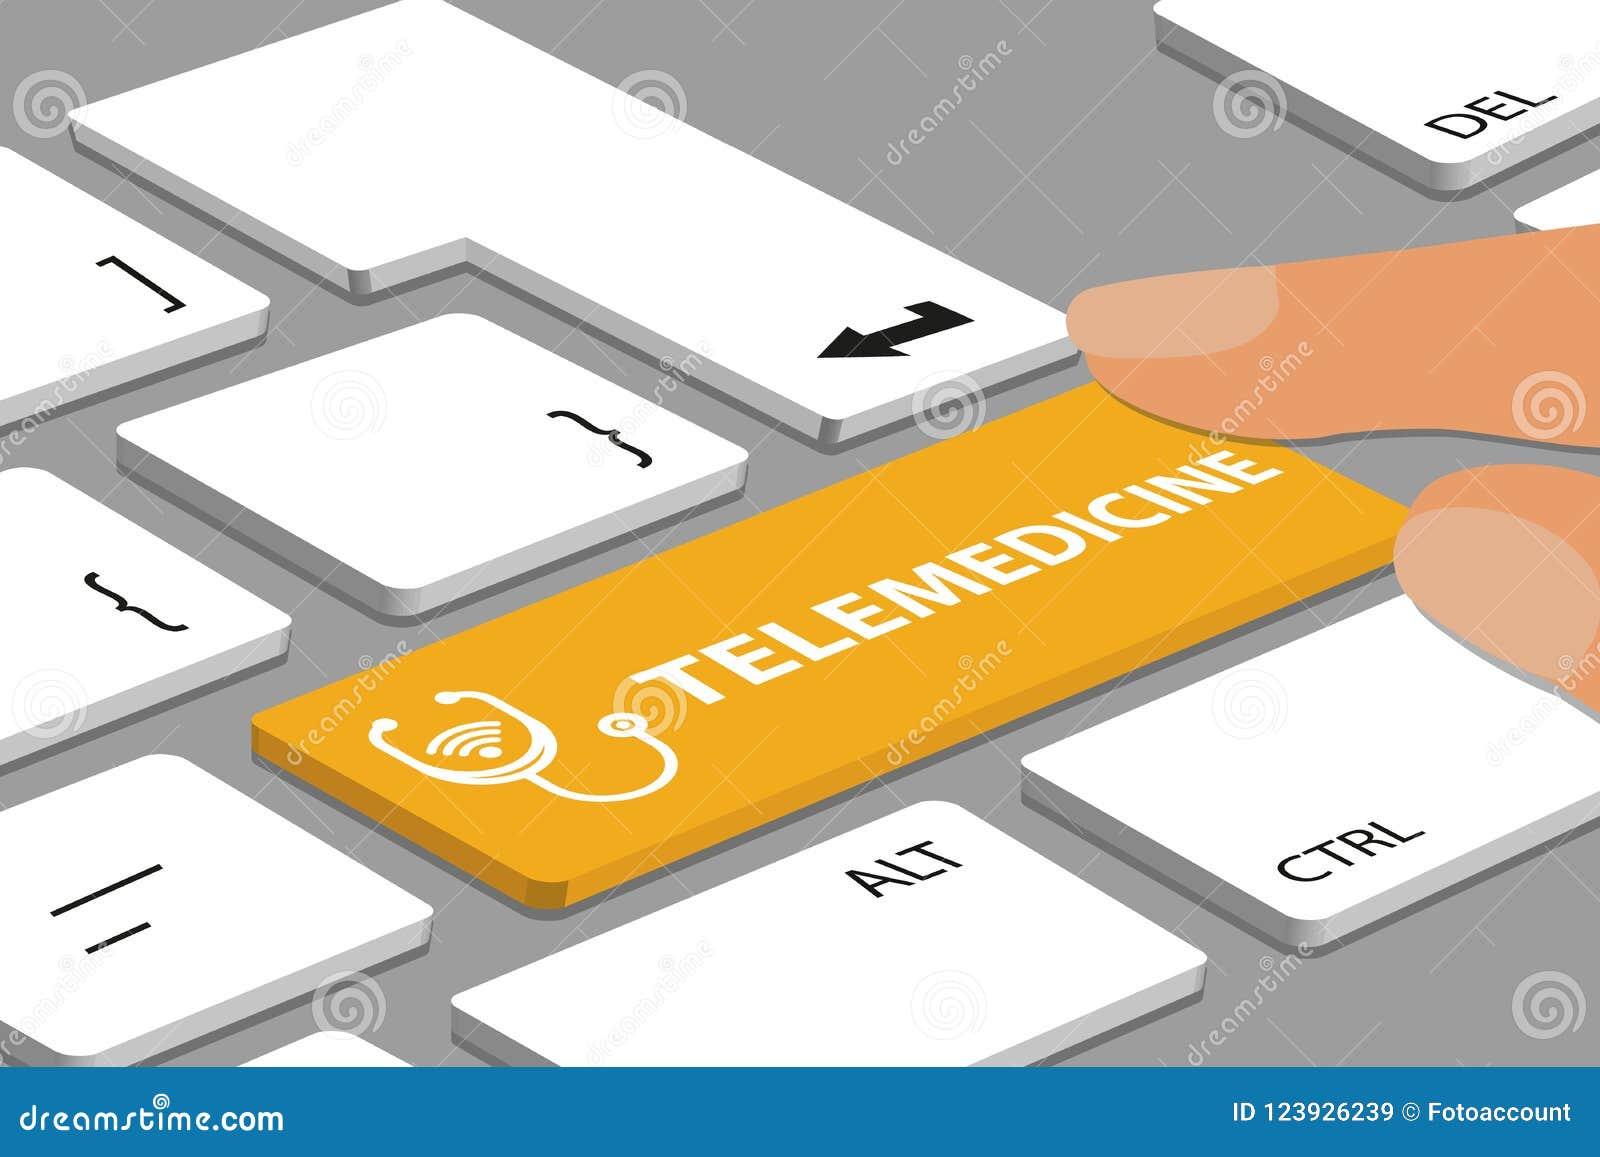 Klawiatura Z Żółtym Telemedicine guzikiem Wektorowa ilustracja - komputer Lub laptop Z palcami -